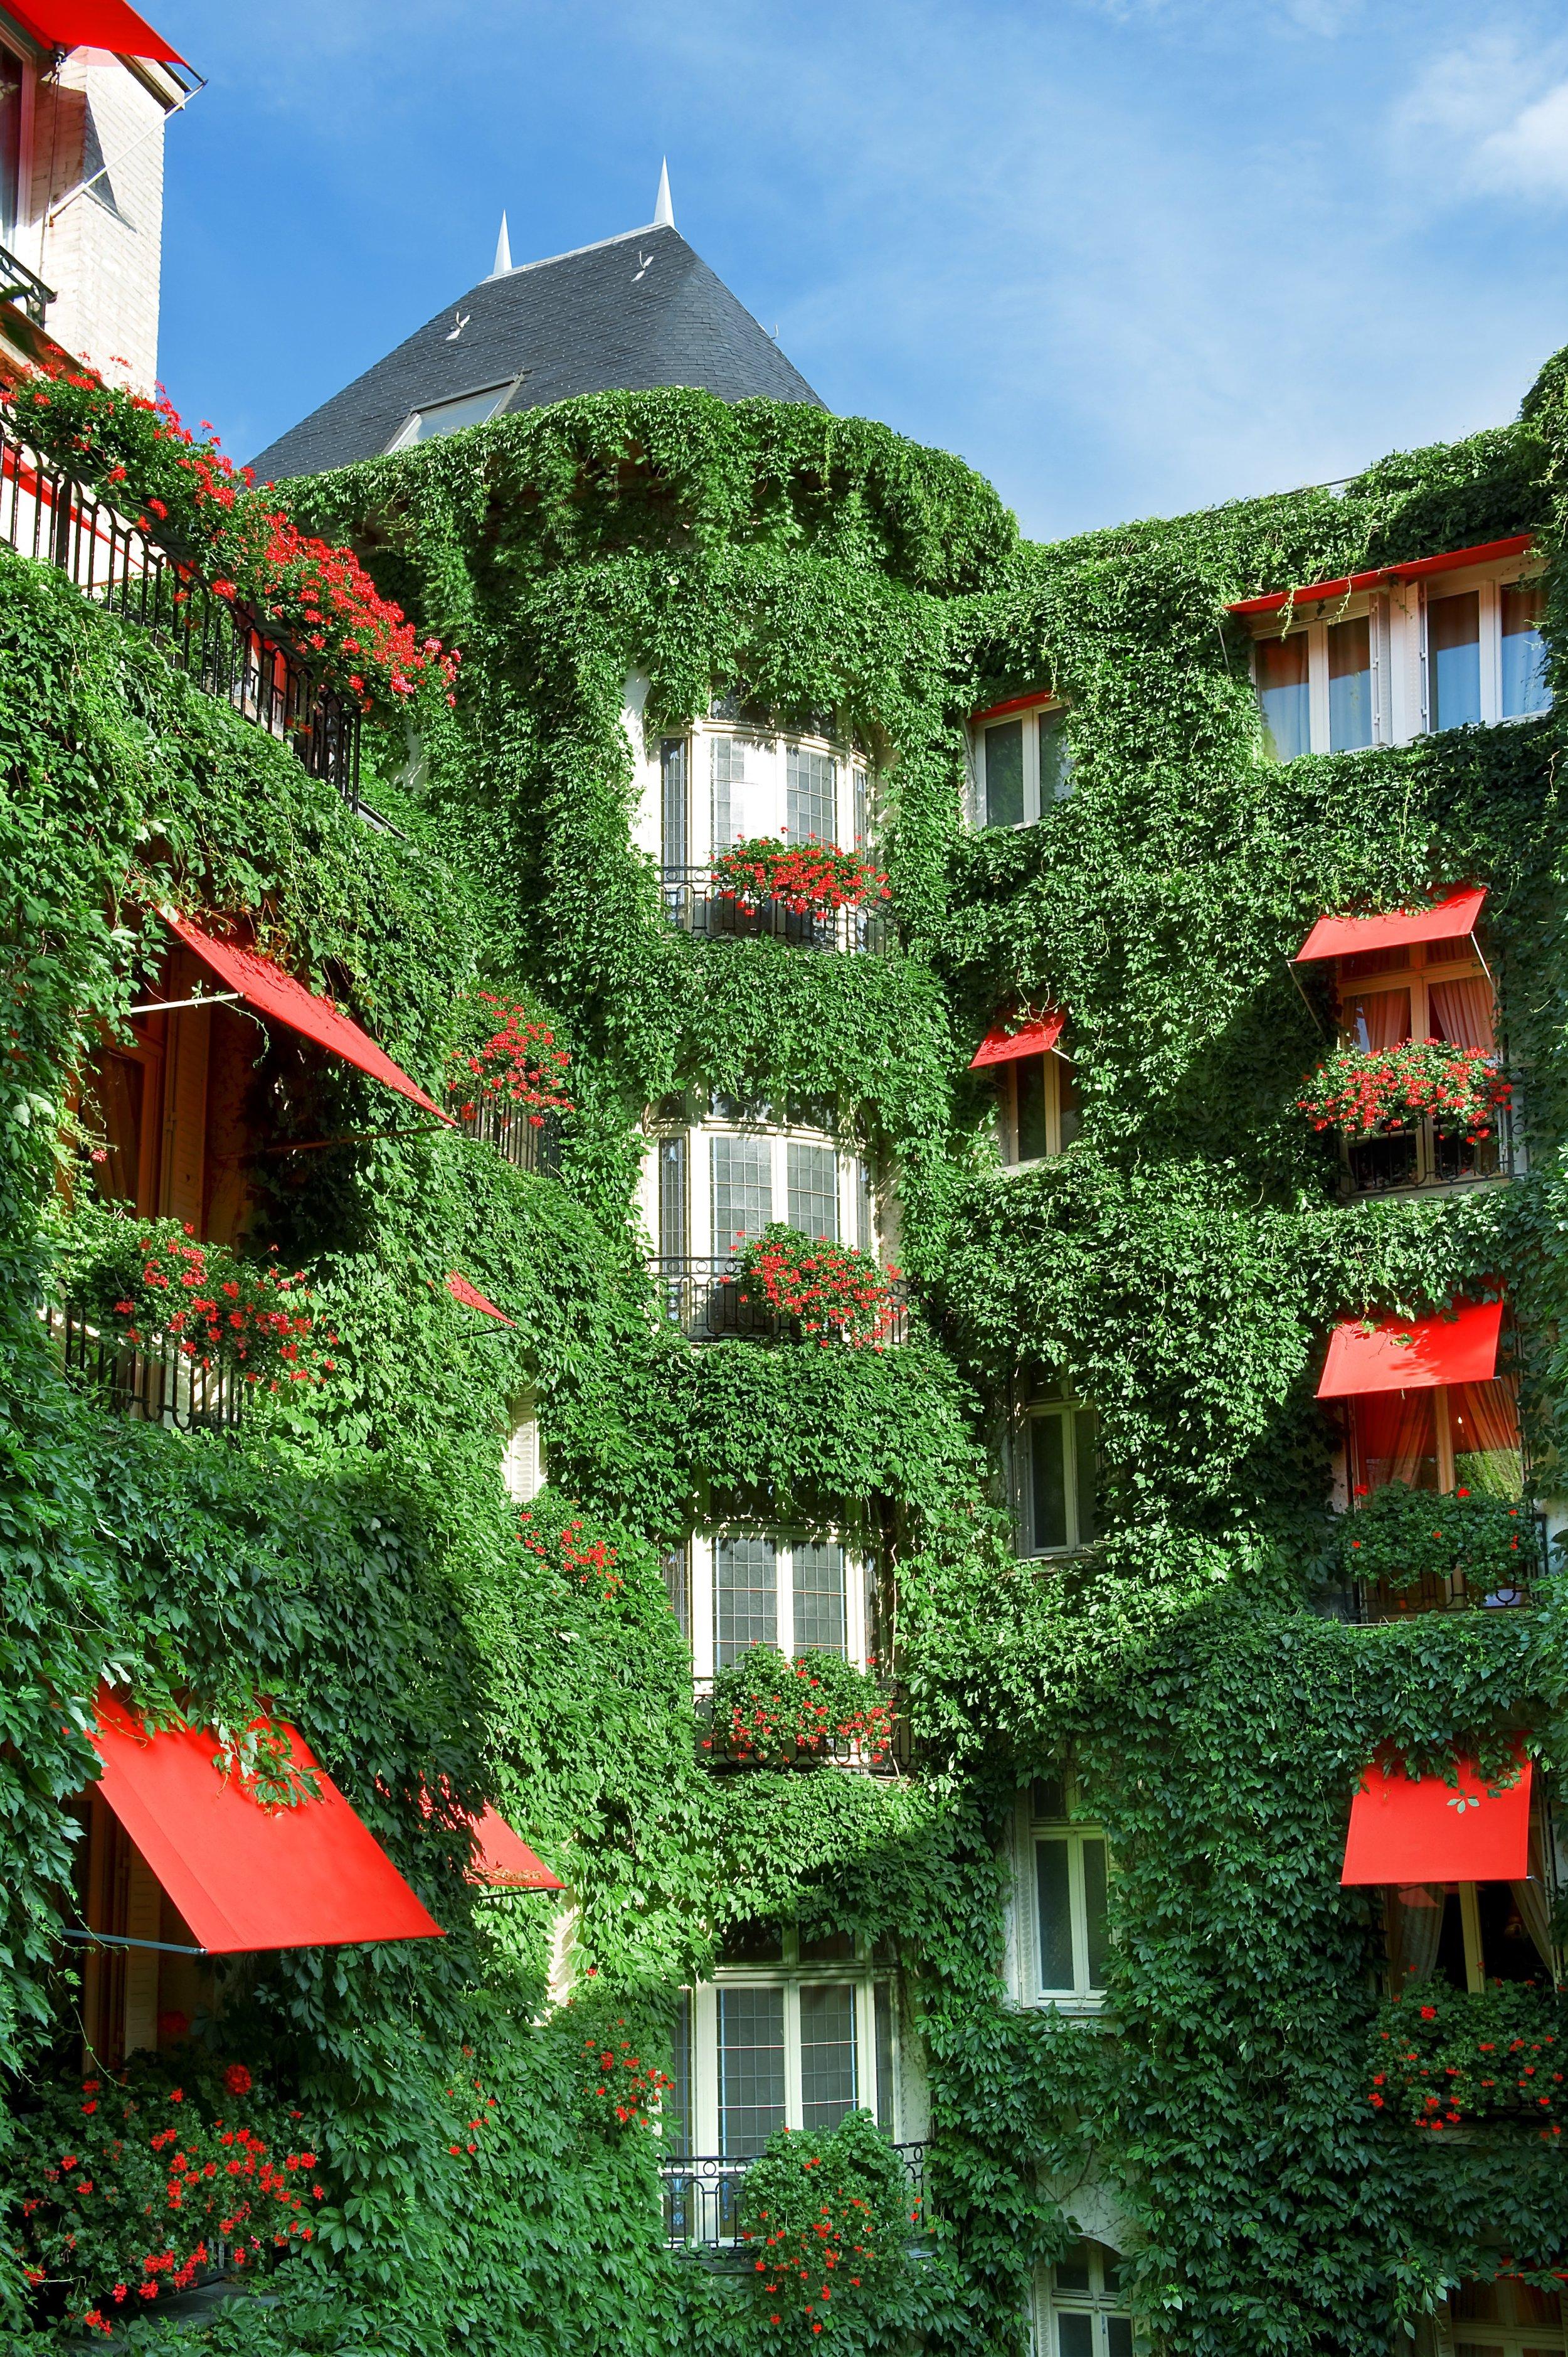 Plaza Athenee - La Cour Jardin - HR (c) Frederic Ducout copy.jpg